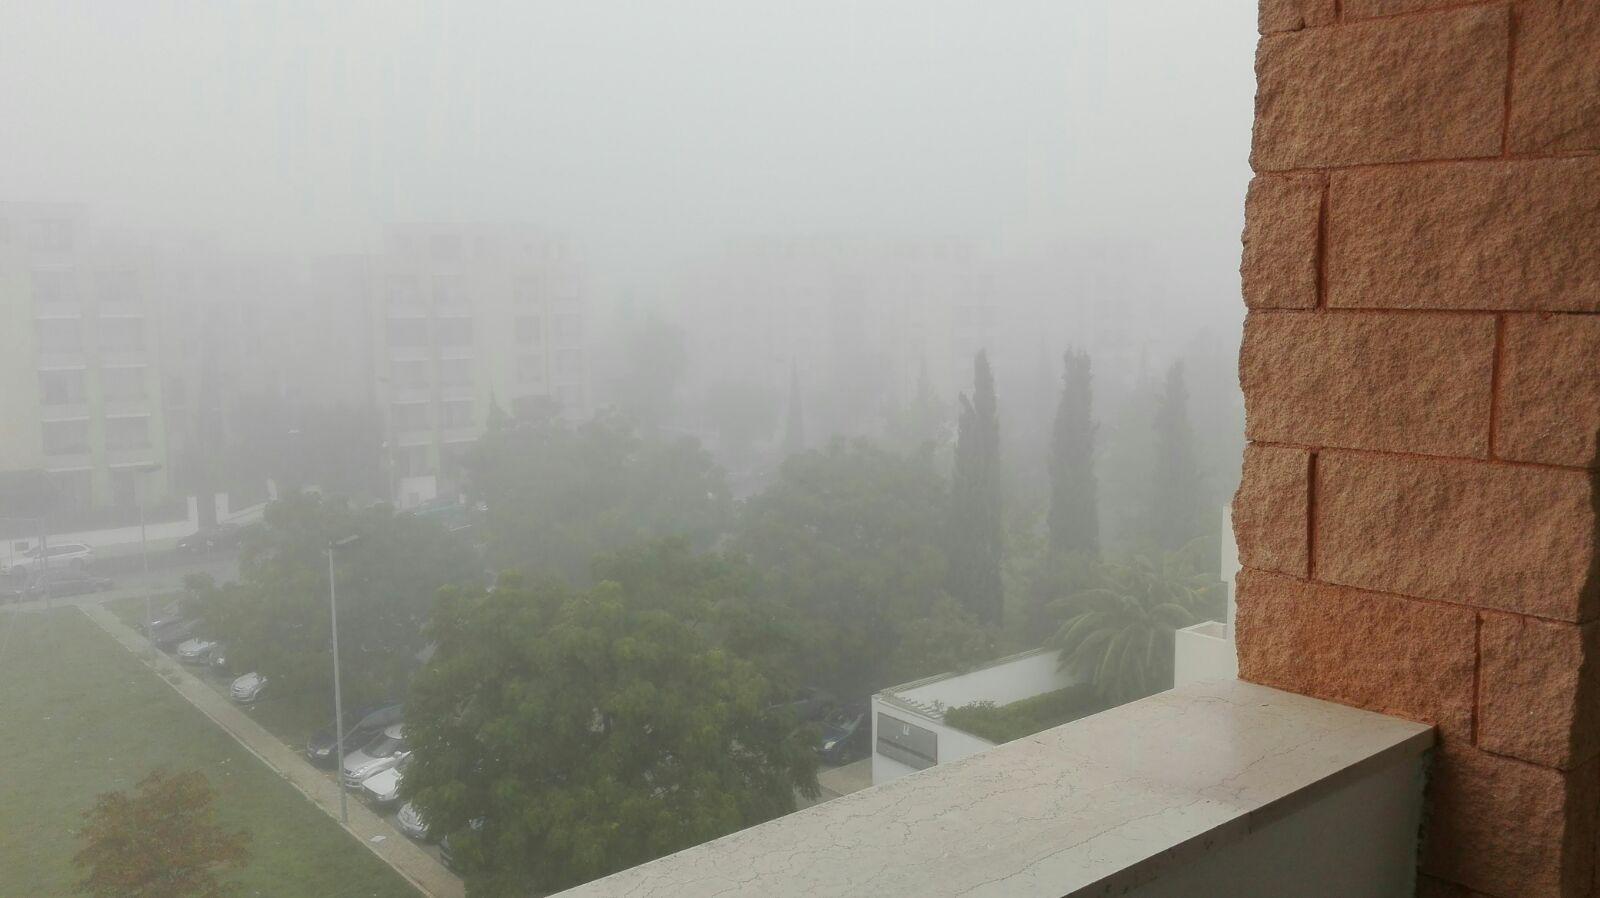 Smog: Torino, Pm10 fuorilegge da 8 giorni,sarà blocco Euro 5